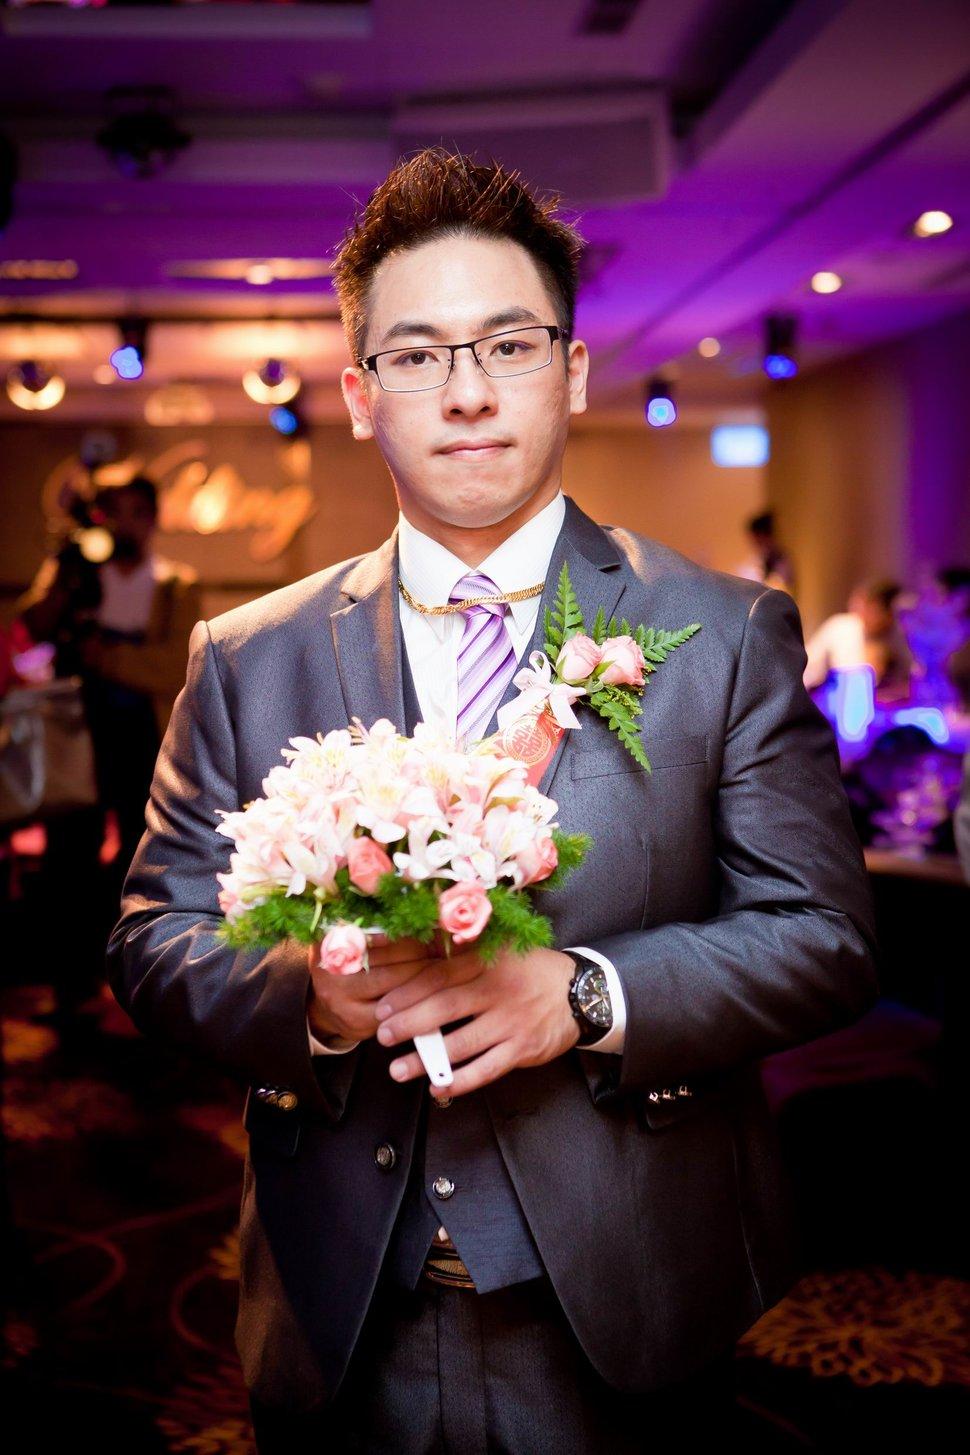 長榮桂冠酒店彭園會館婚禮記錄專業錄影平面攝影(編號:195012) - 蜜月拍照10800錄影12800攝影團隊 - 結婚吧